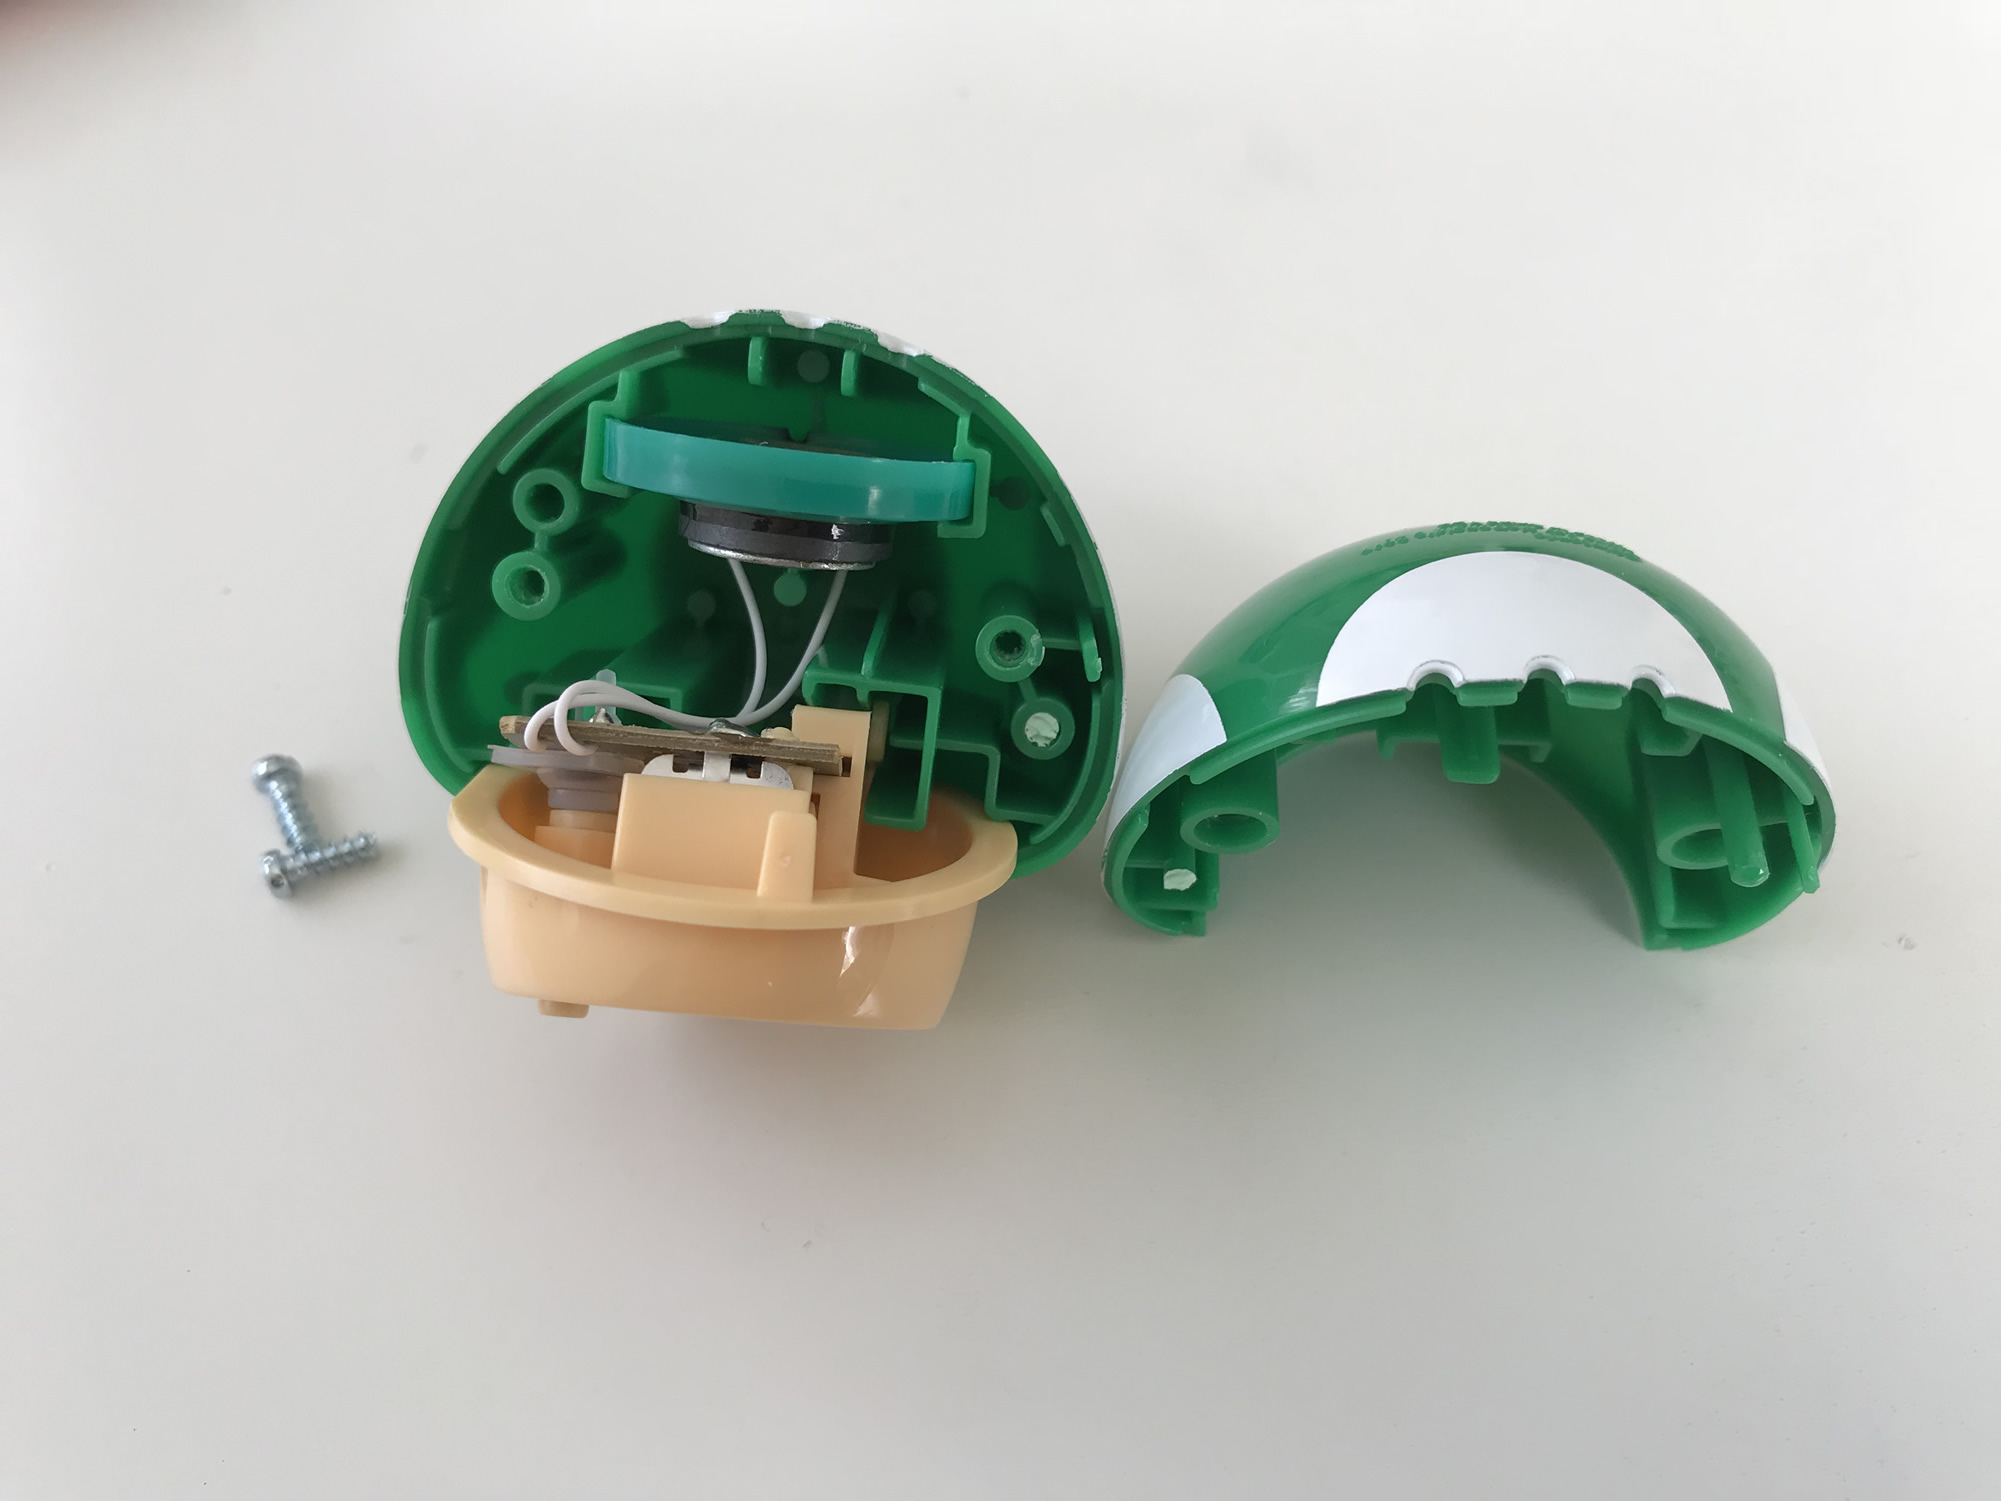 ハッピーセットのおもちゃ 電池交換